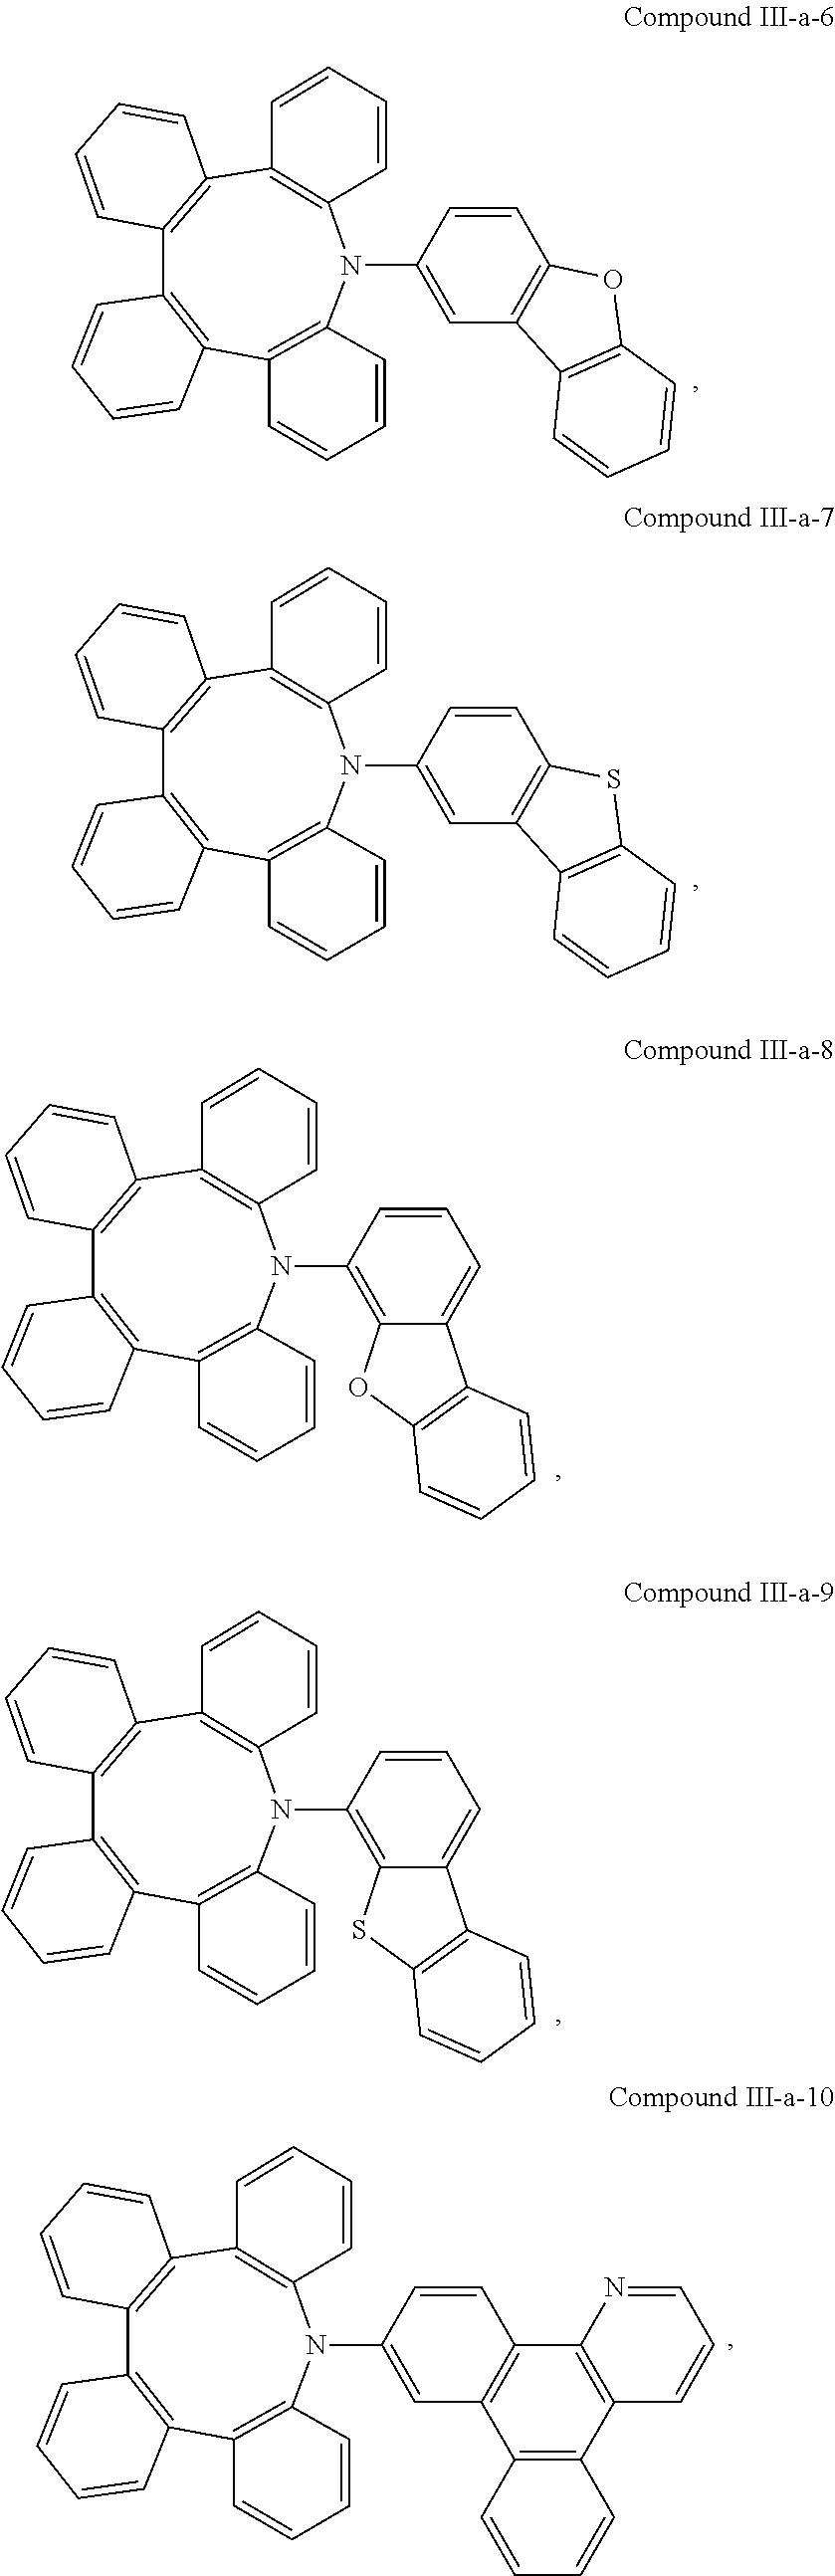 Figure US09978956-20180522-C00010